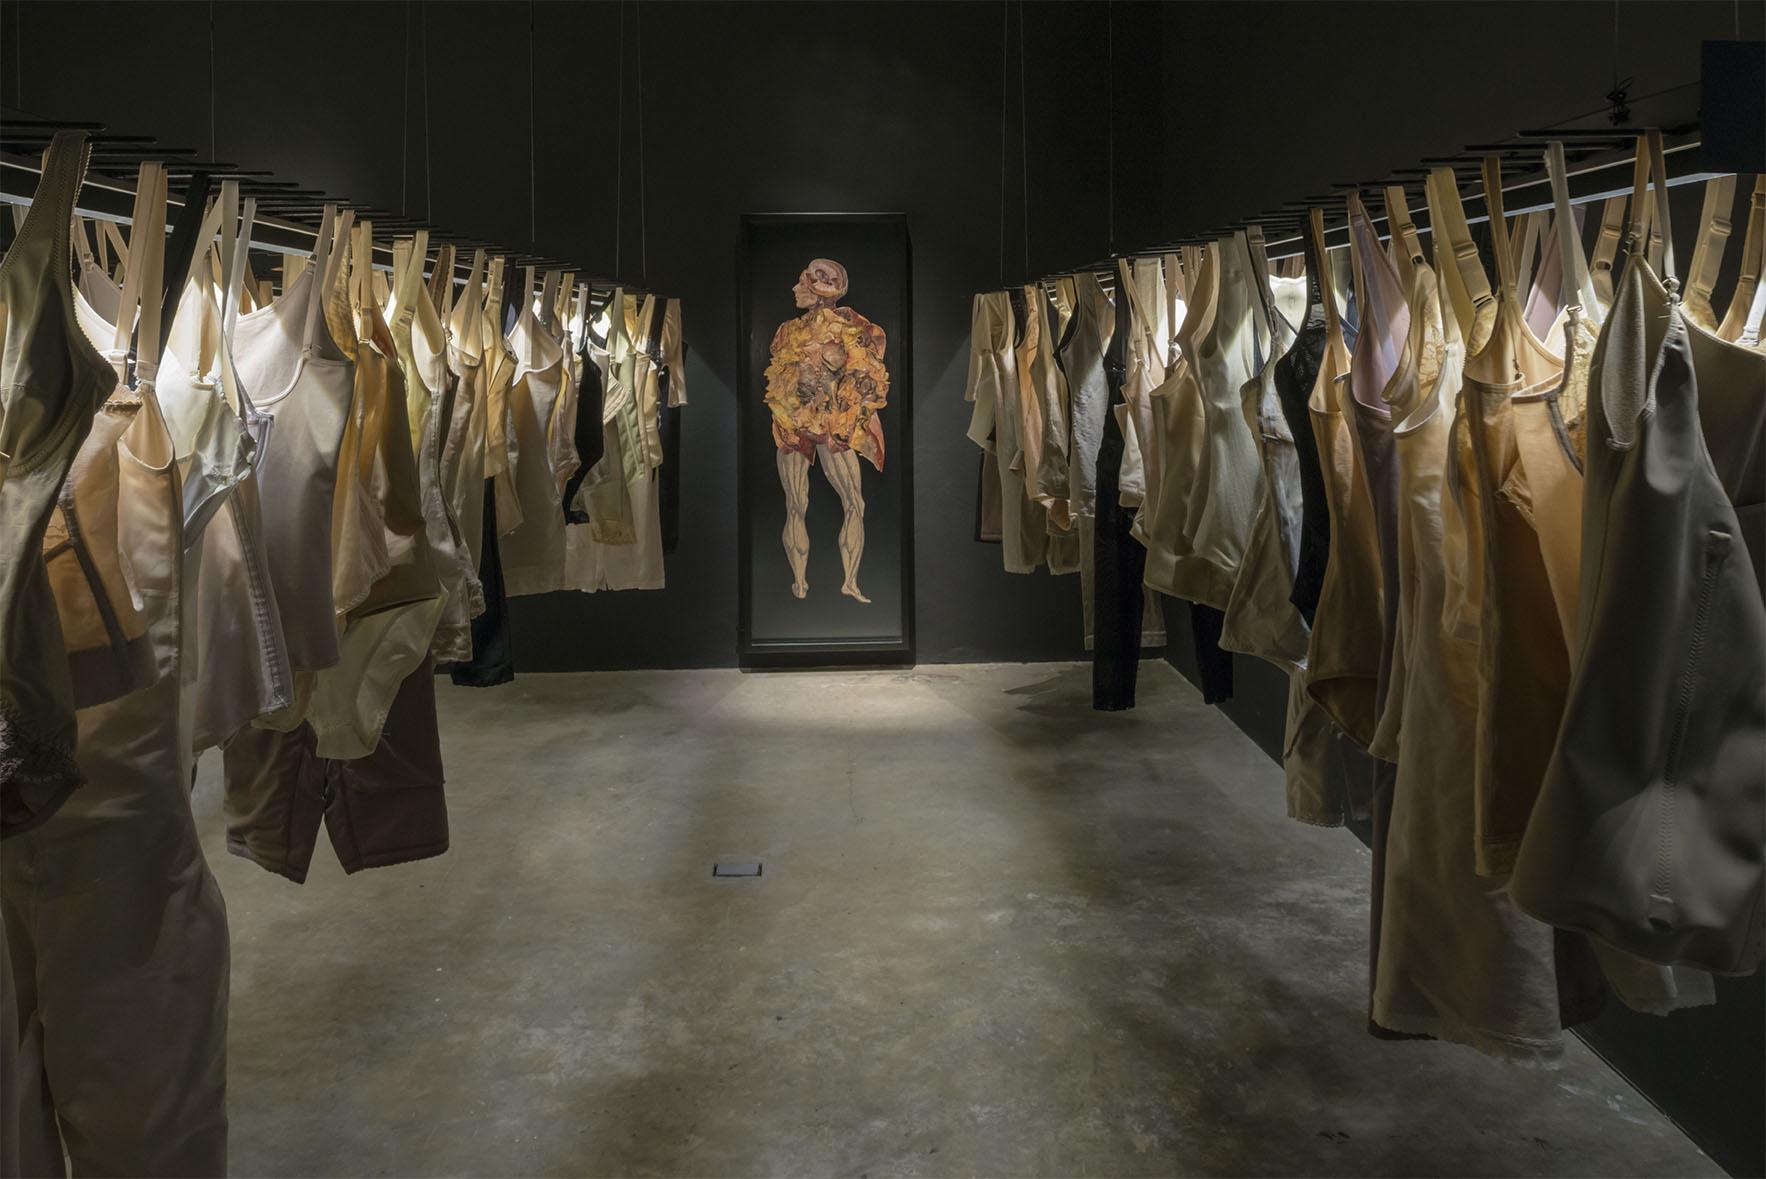 El cuerpo de adentro - Leonel Castañeda Galeano